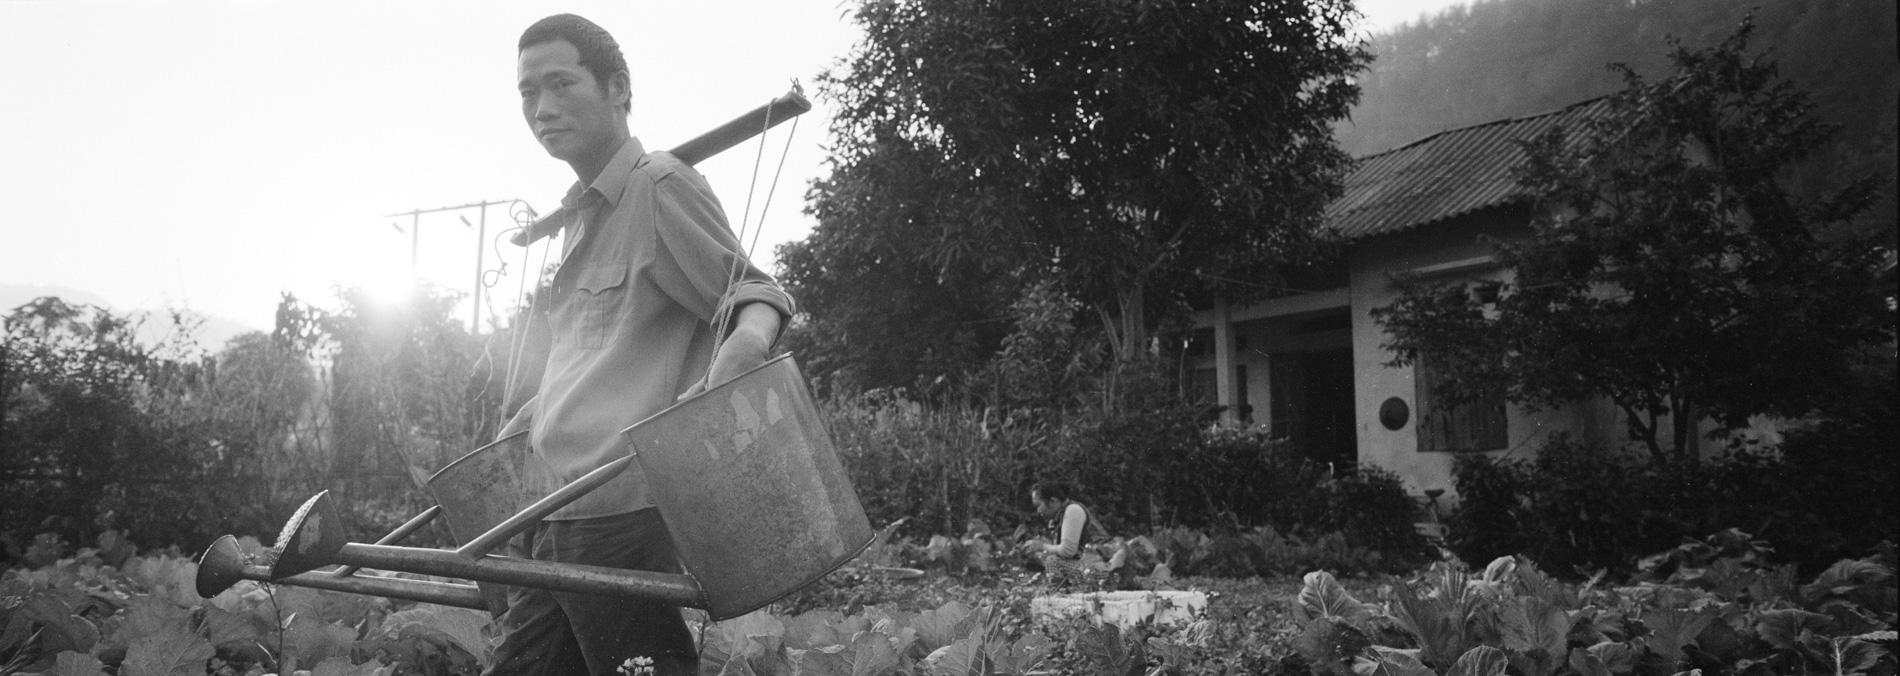 vietnam_xpan_0033.jpg